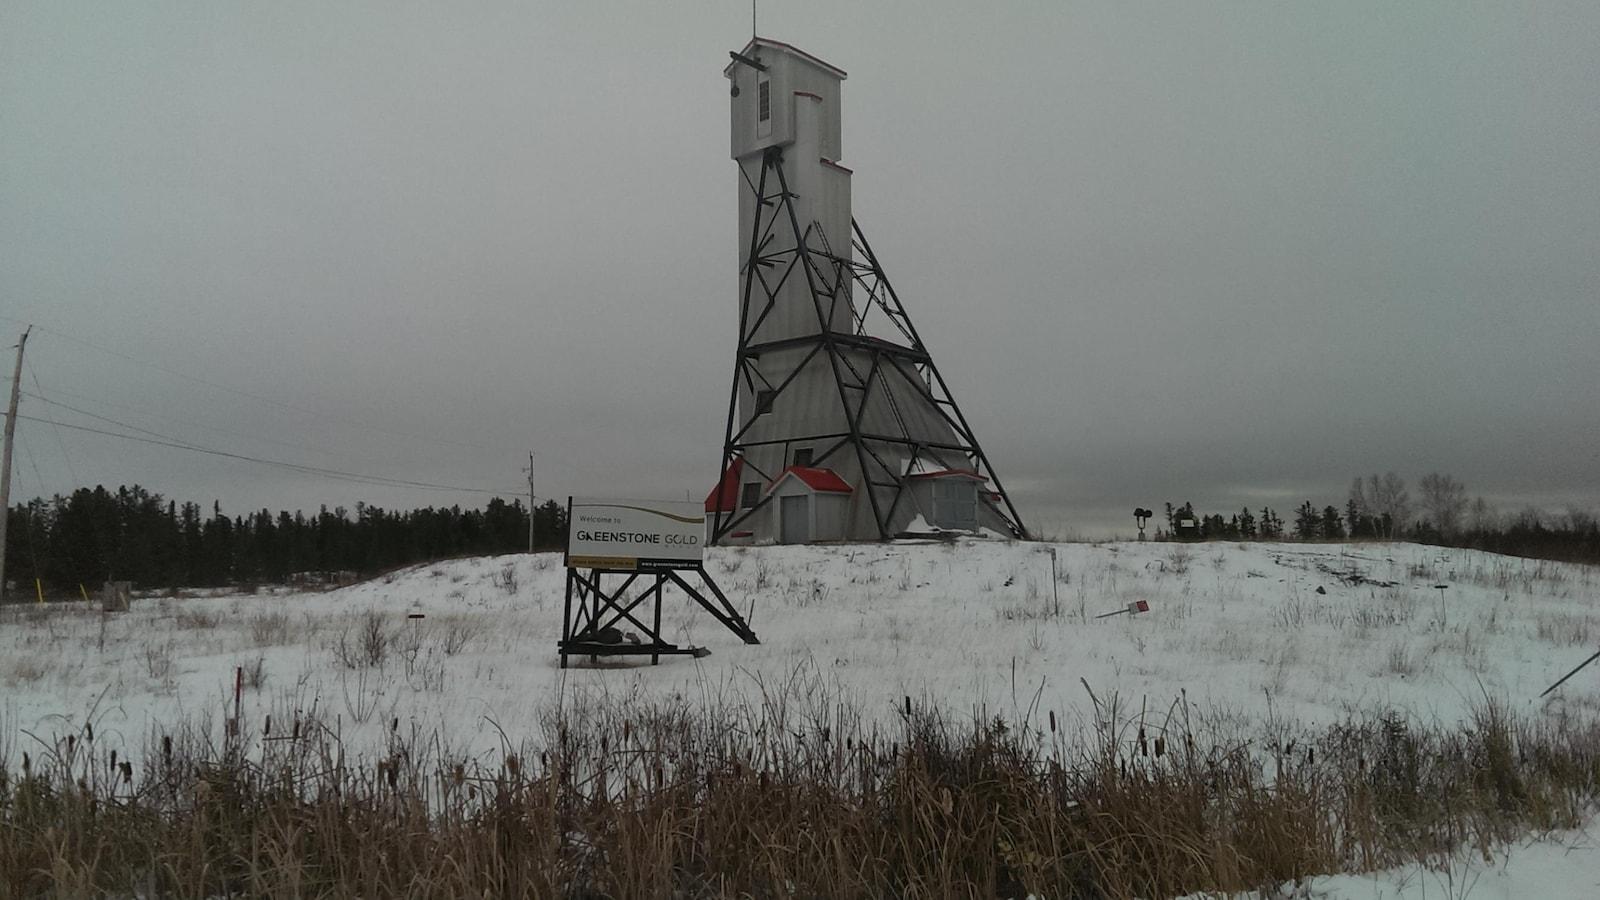 Un chevalement de mine sur le site de la future mine de Greestone Gold.